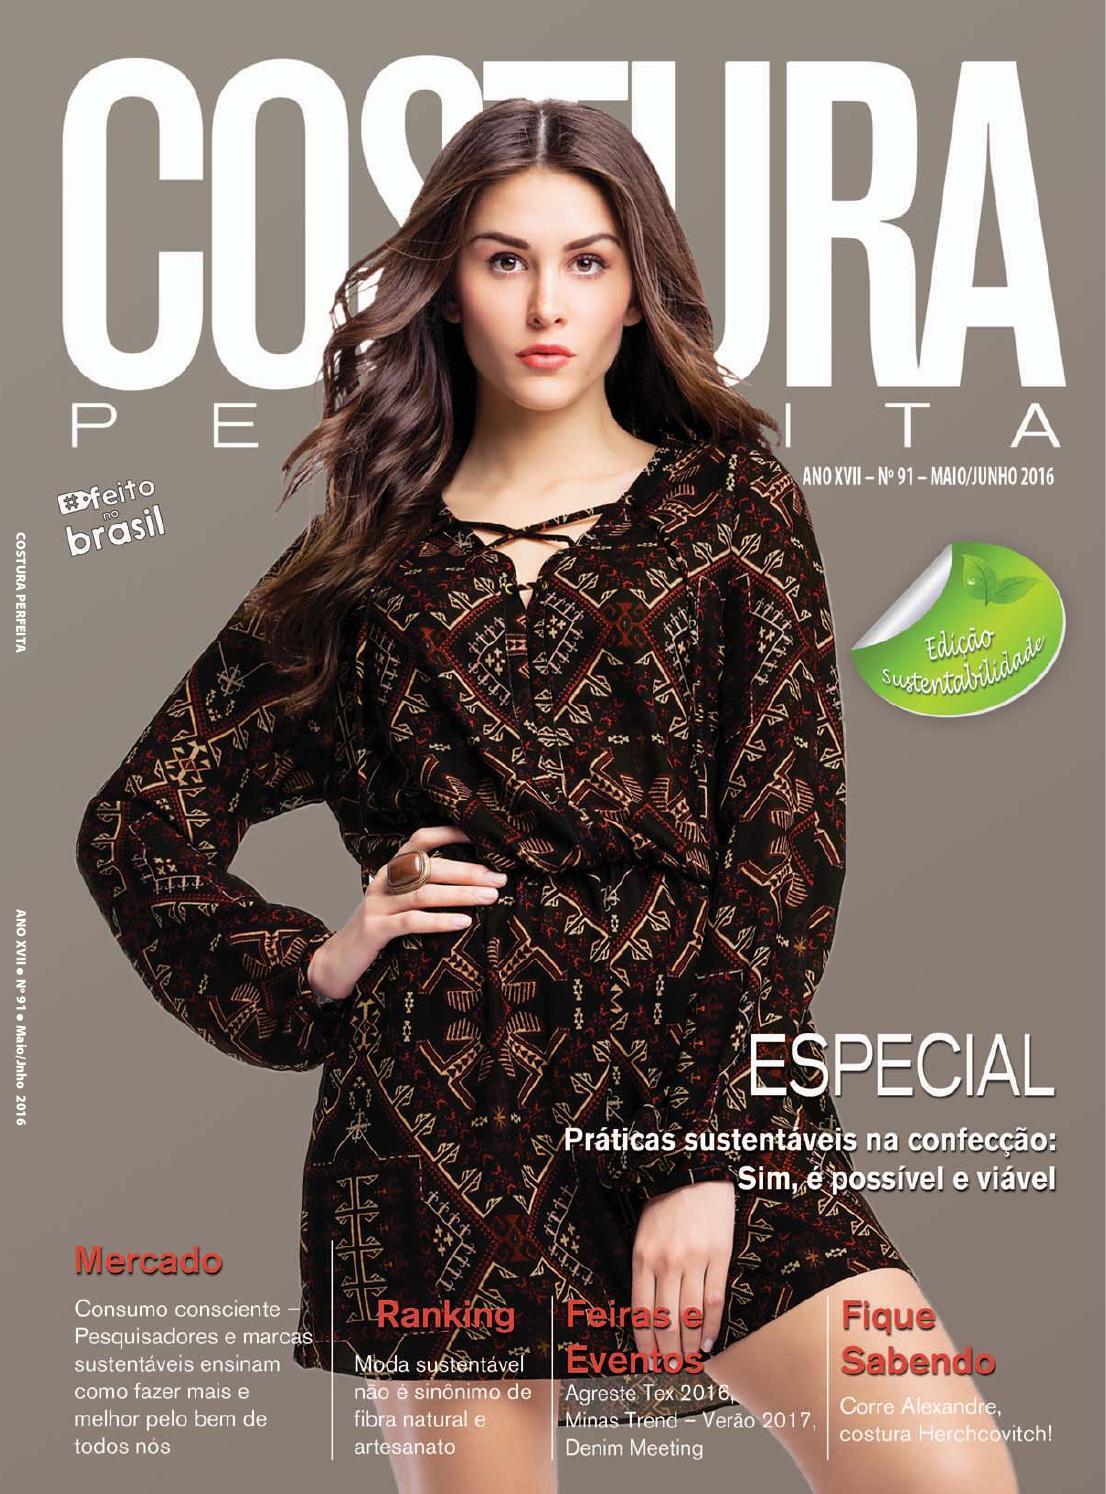 828e9ee645 Revista Costura Perfeita Edição Ano XVII - N91 - Maio - Junho 2016 by  Costura Perfeita - issuu